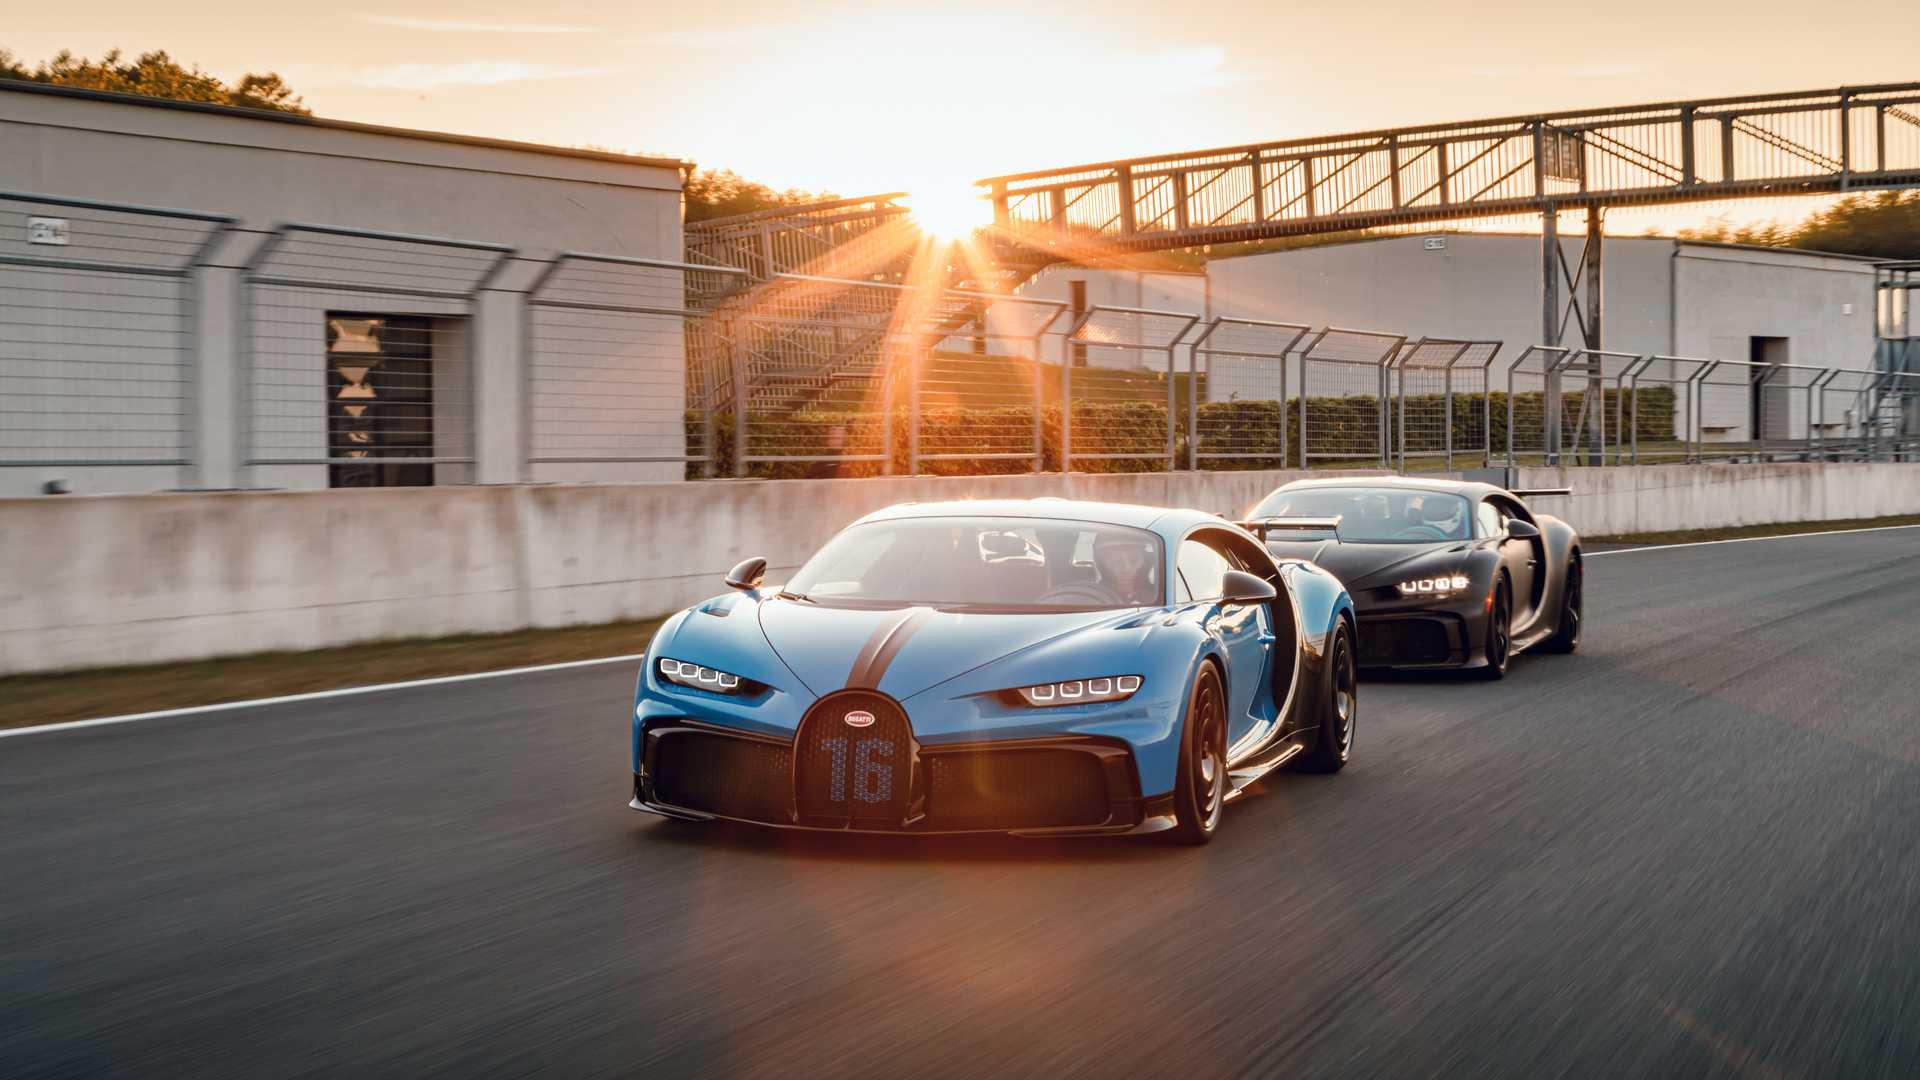 Bugatti_Chiron_Pur_Sport_Bilster_Berg_0010